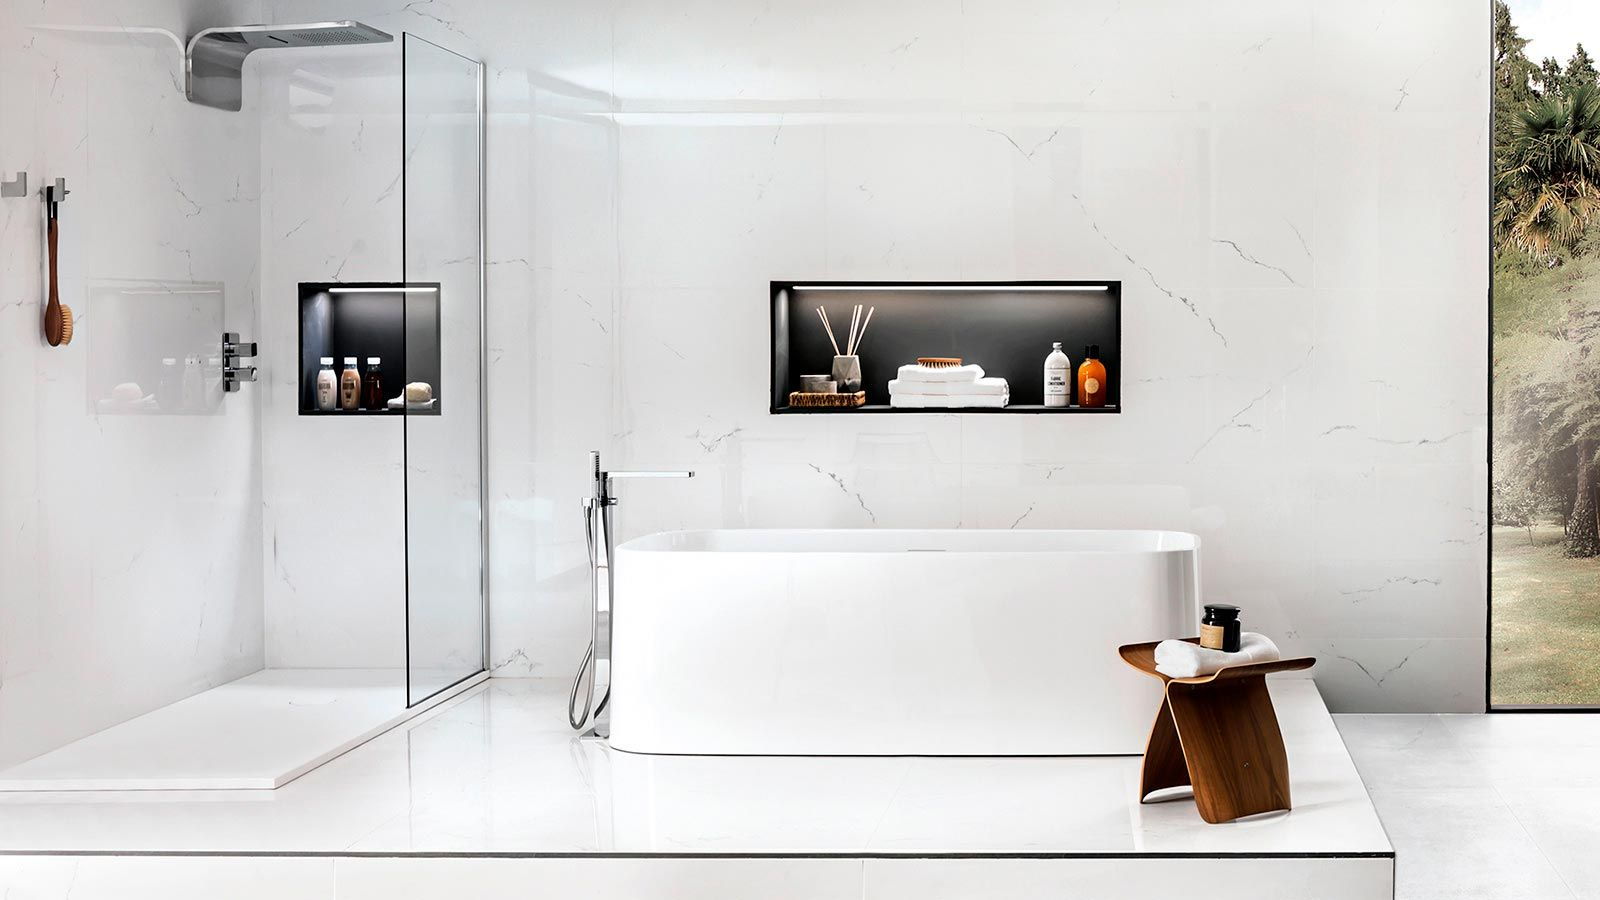 Salle De Bain Dax les 5 meilleures idées réelles des shower niche (niches